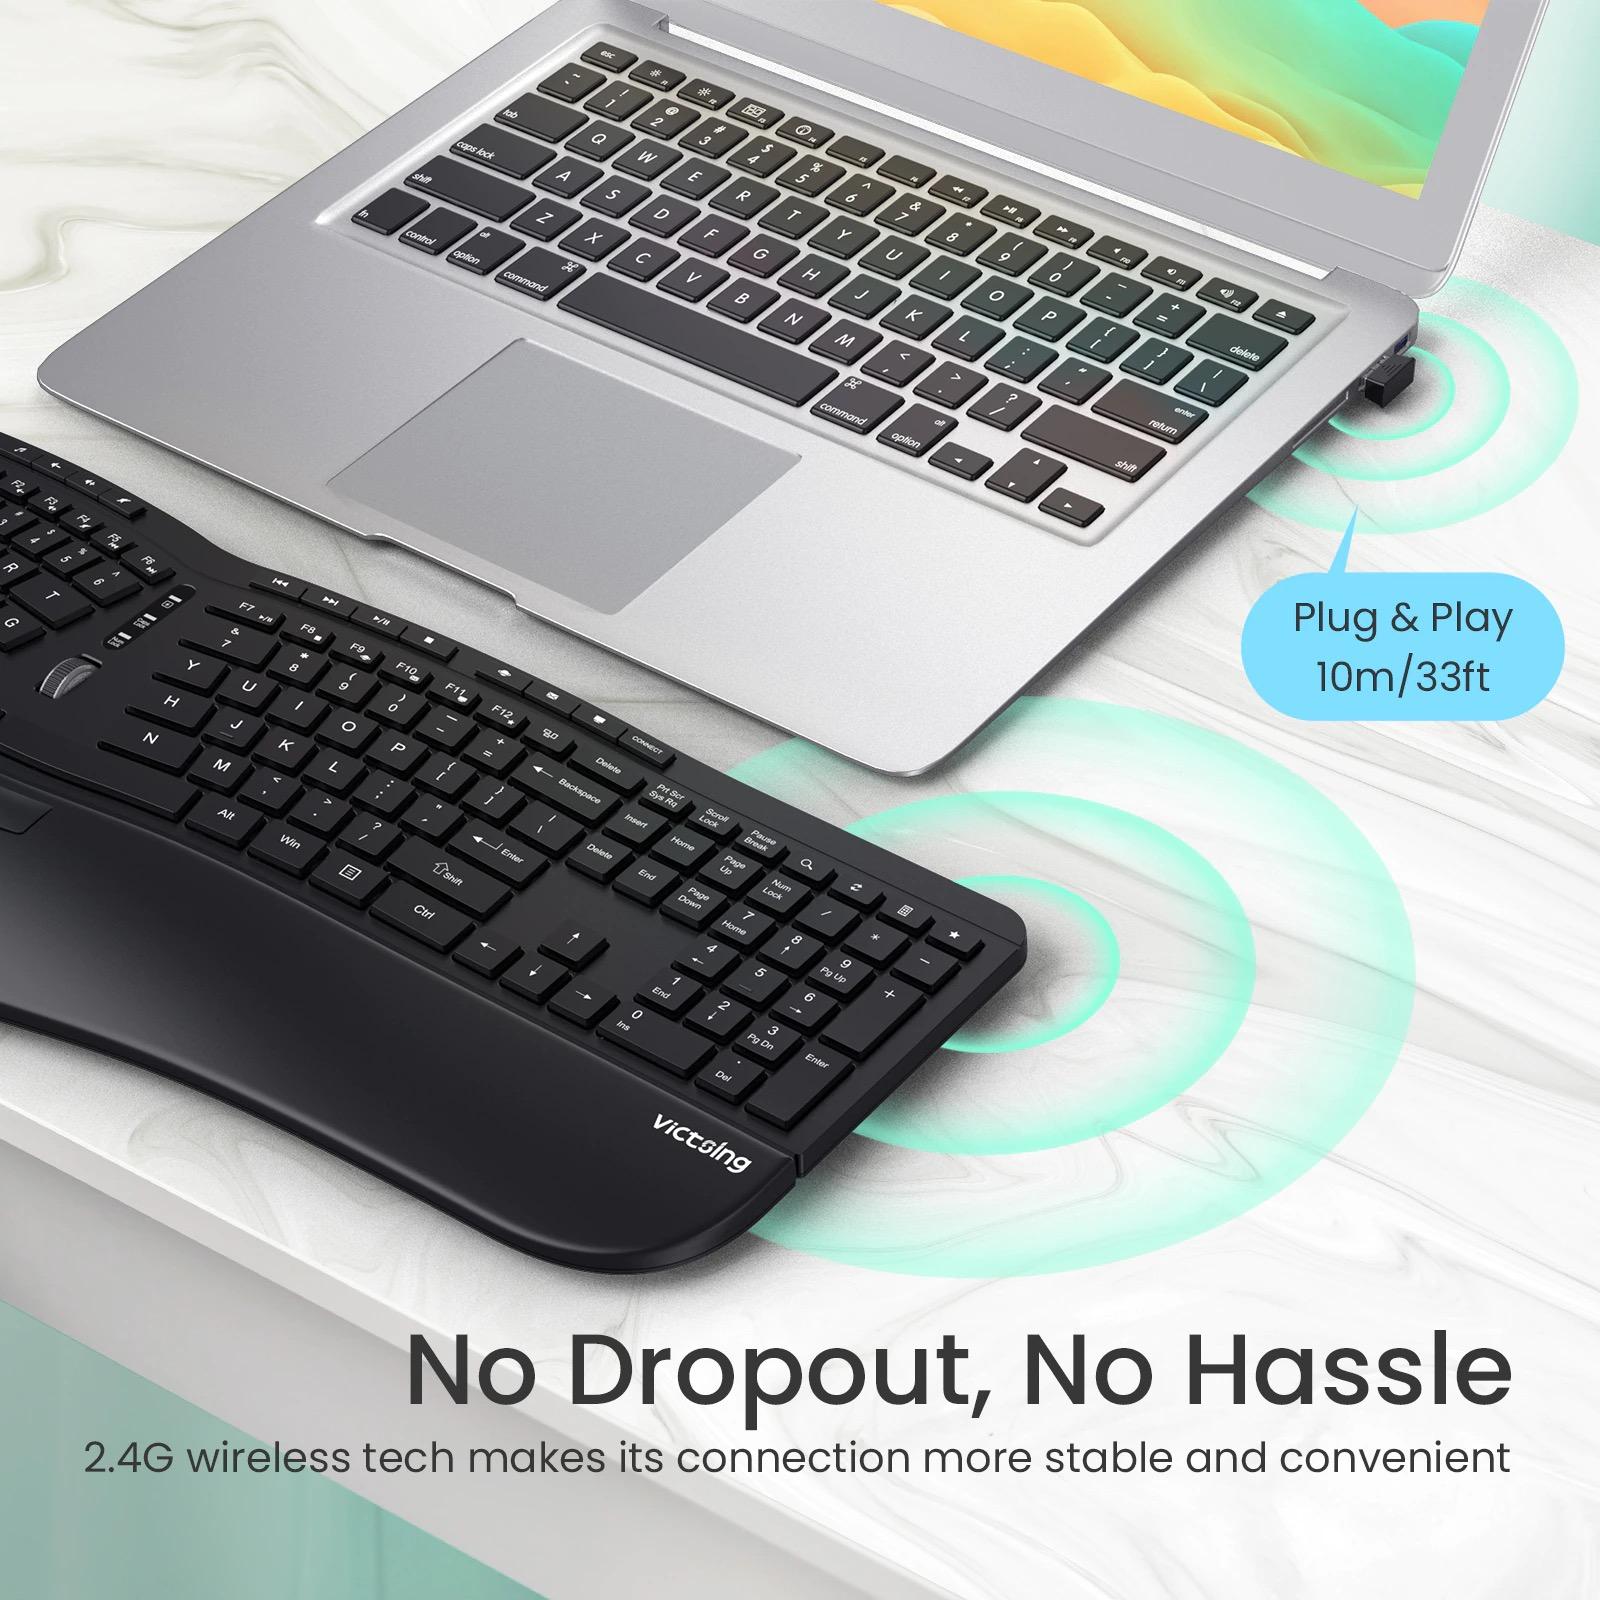 Bluetooth 2.4GHz ワイヤレス エルゴノミック スプリット キーボード